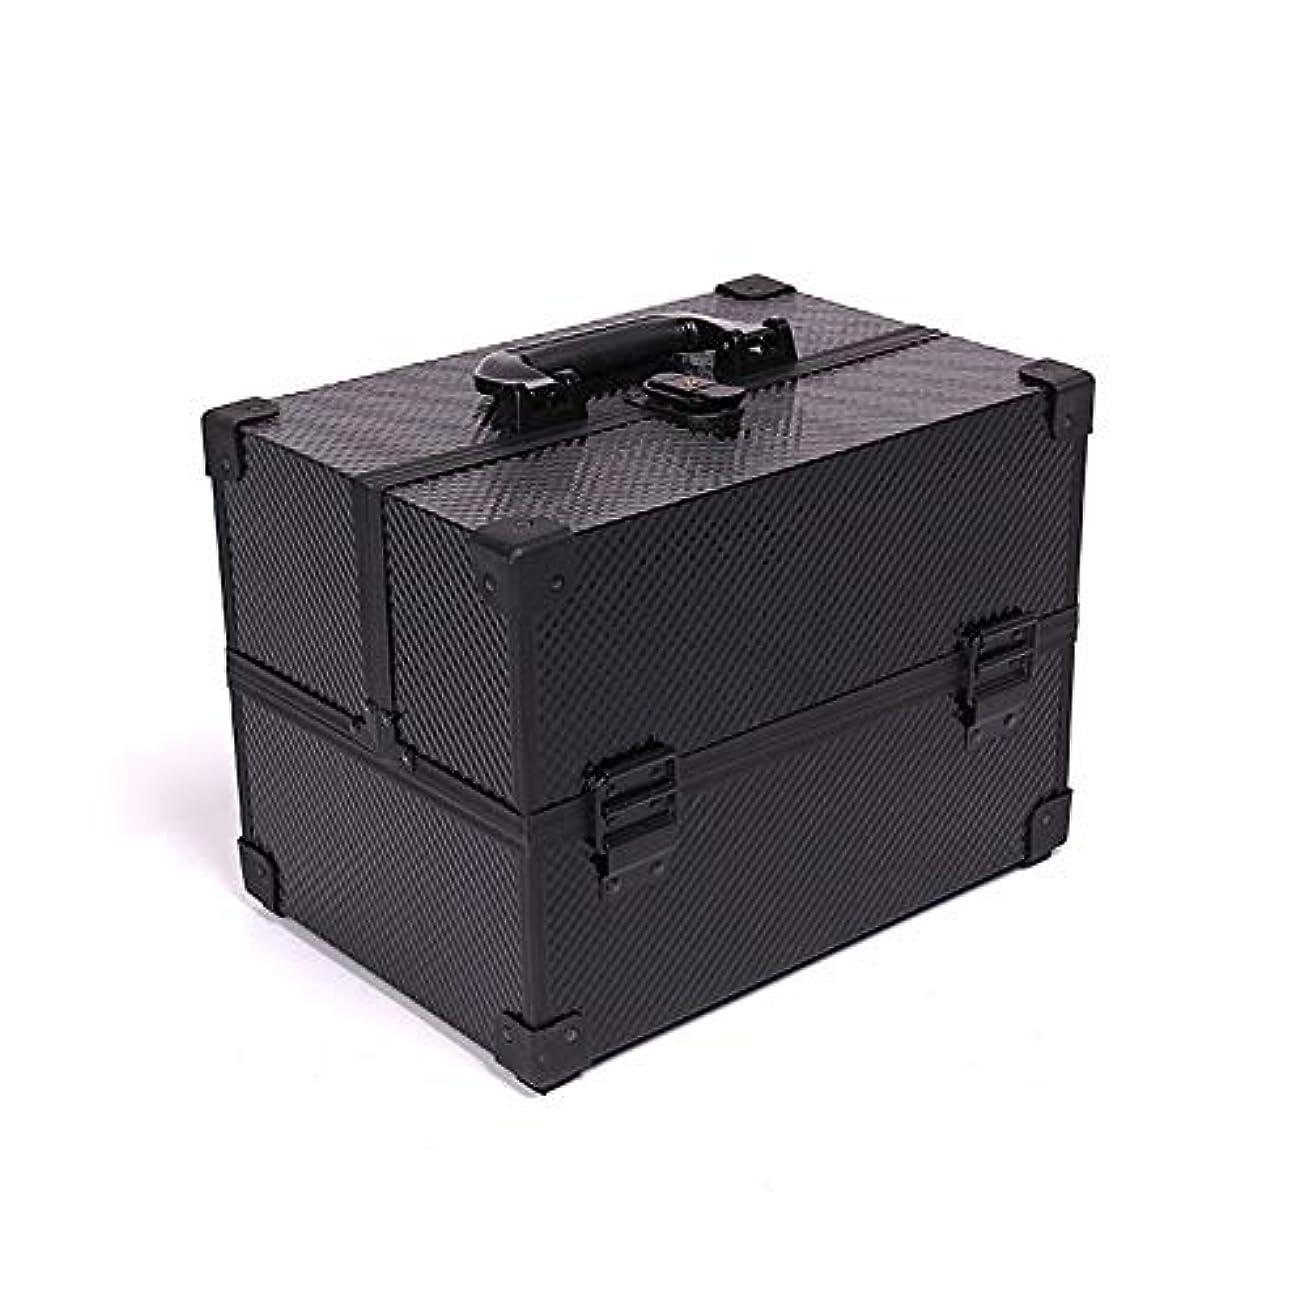 ナインへ木曜日バイナリ化粧オーガナイザーバッグ メイクアップボックスアルミケース美容ボックス美容化粧品フェイクレザーブラック 化粧品ケース